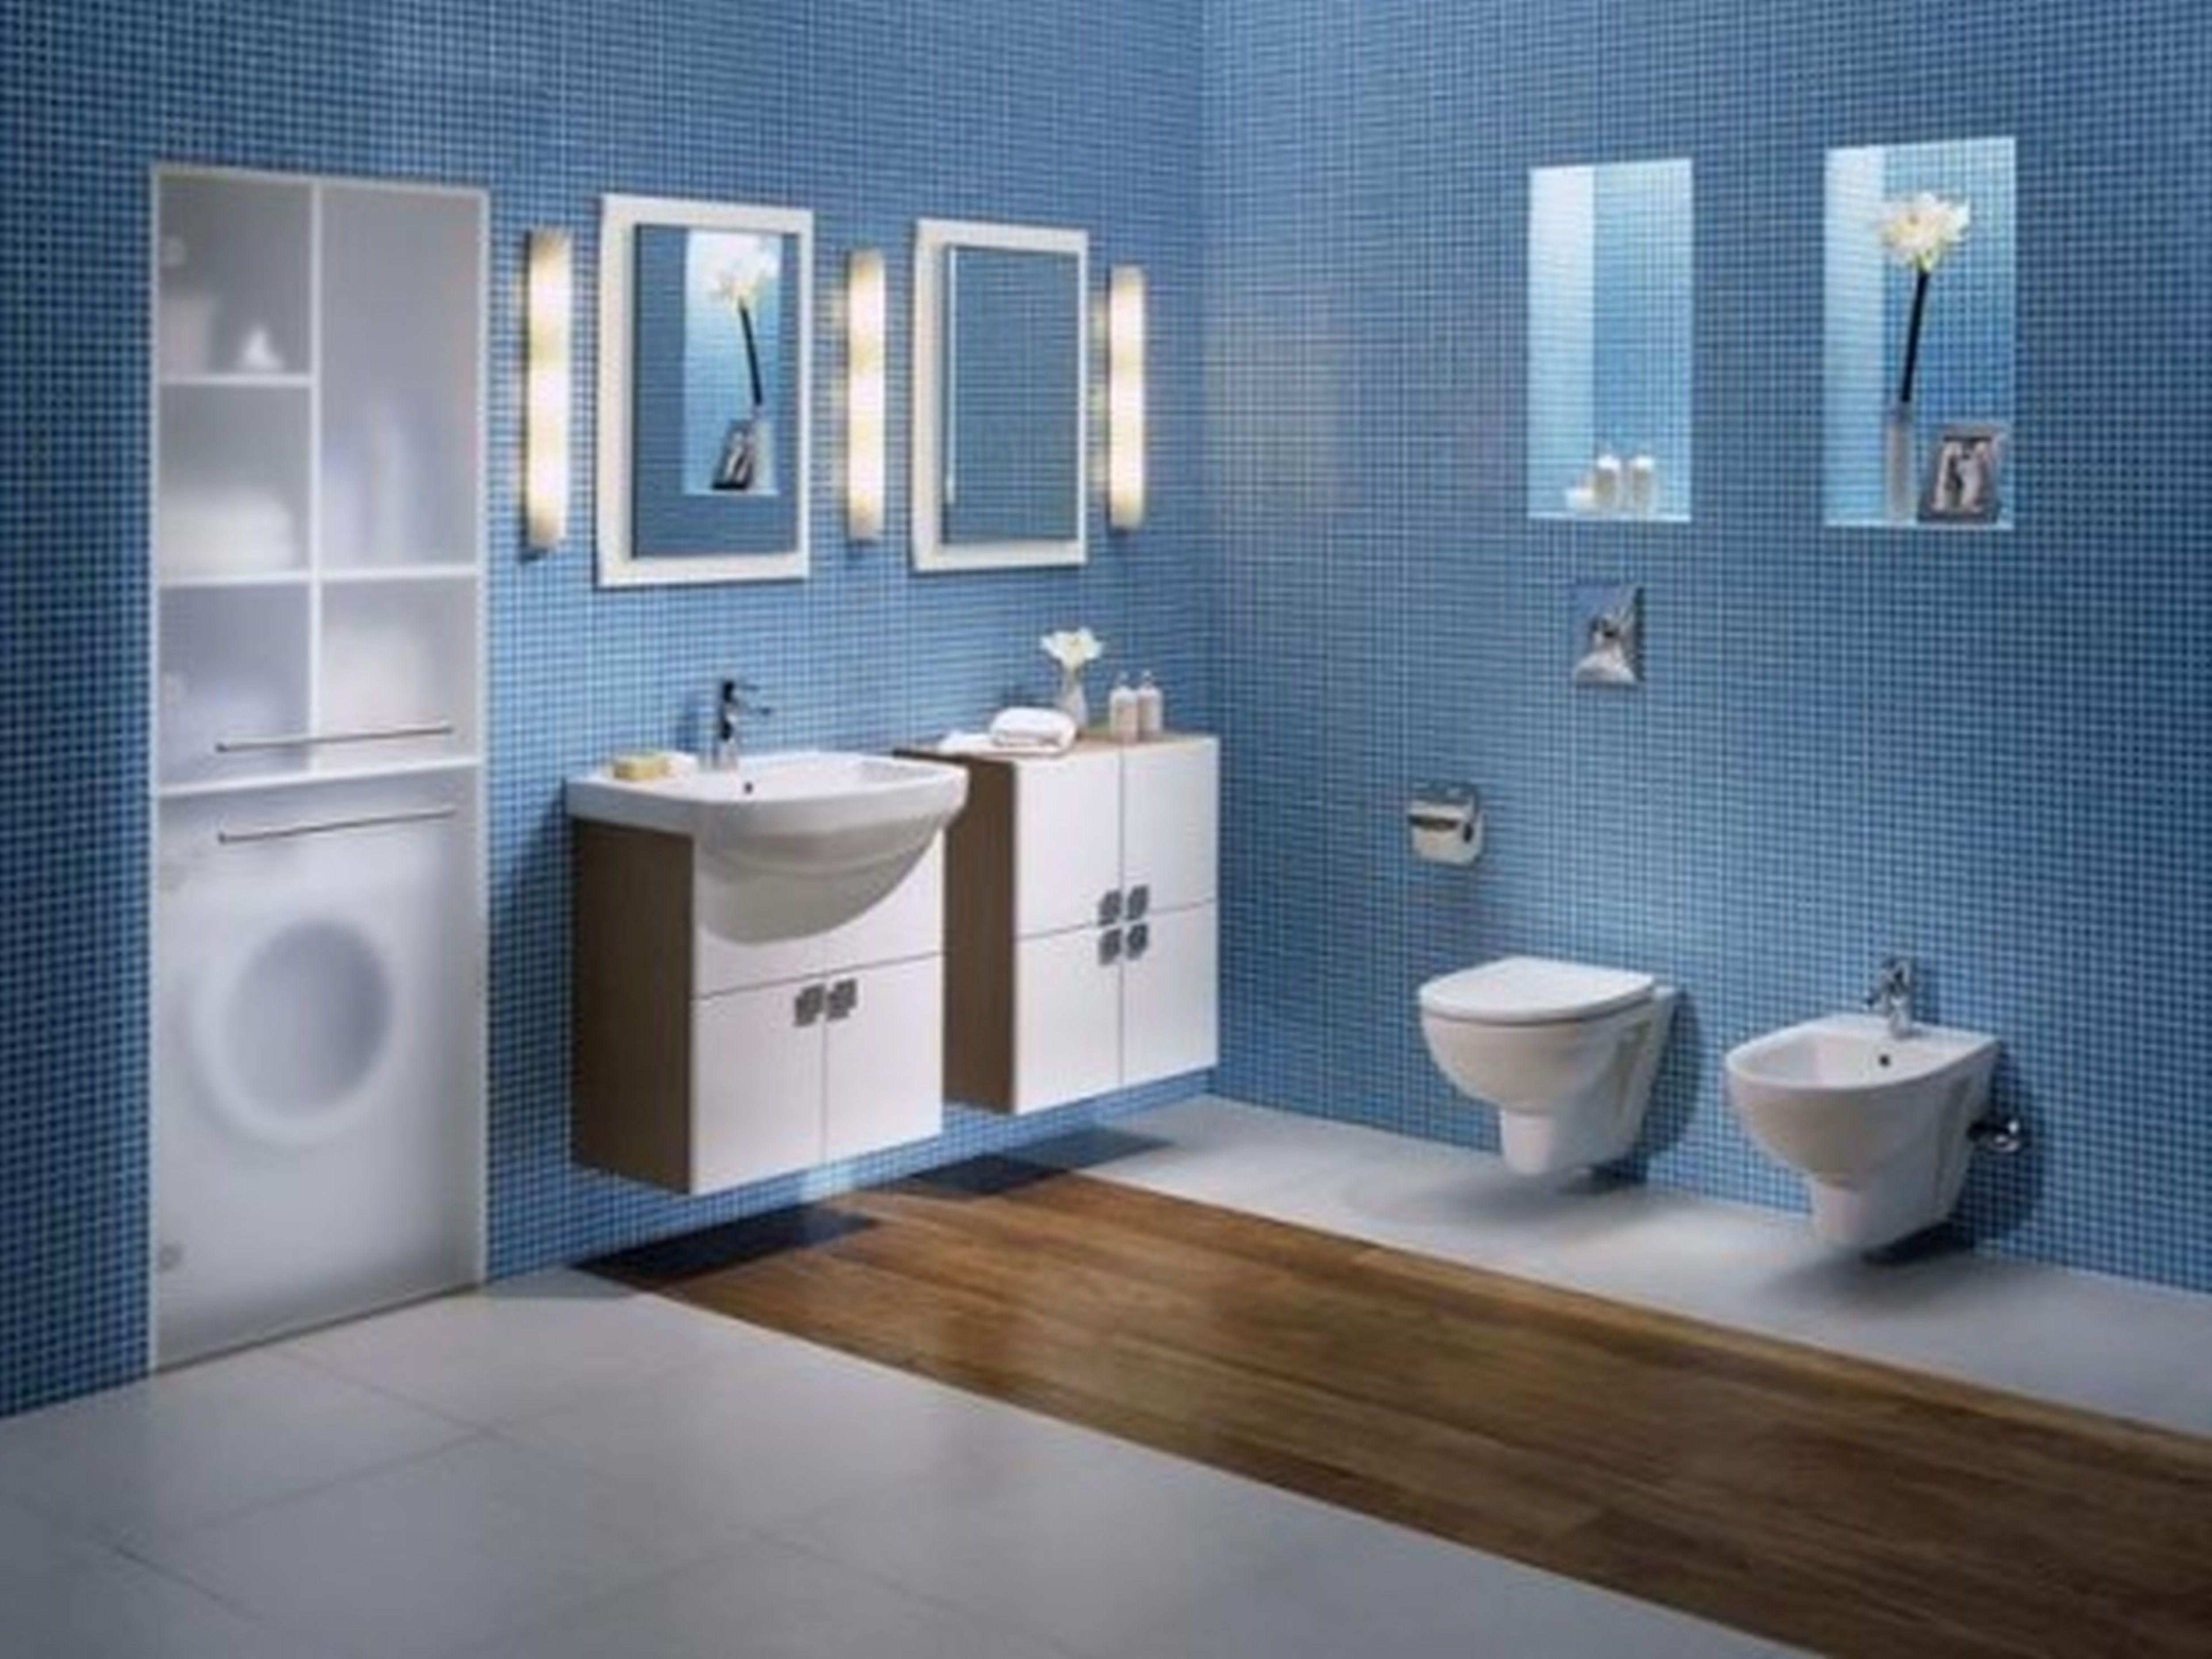 kleine zimmerdekoration badezimmer idee grun, home dekoration fotos, interior design, awesome, blau, grün, Innenarchitektur